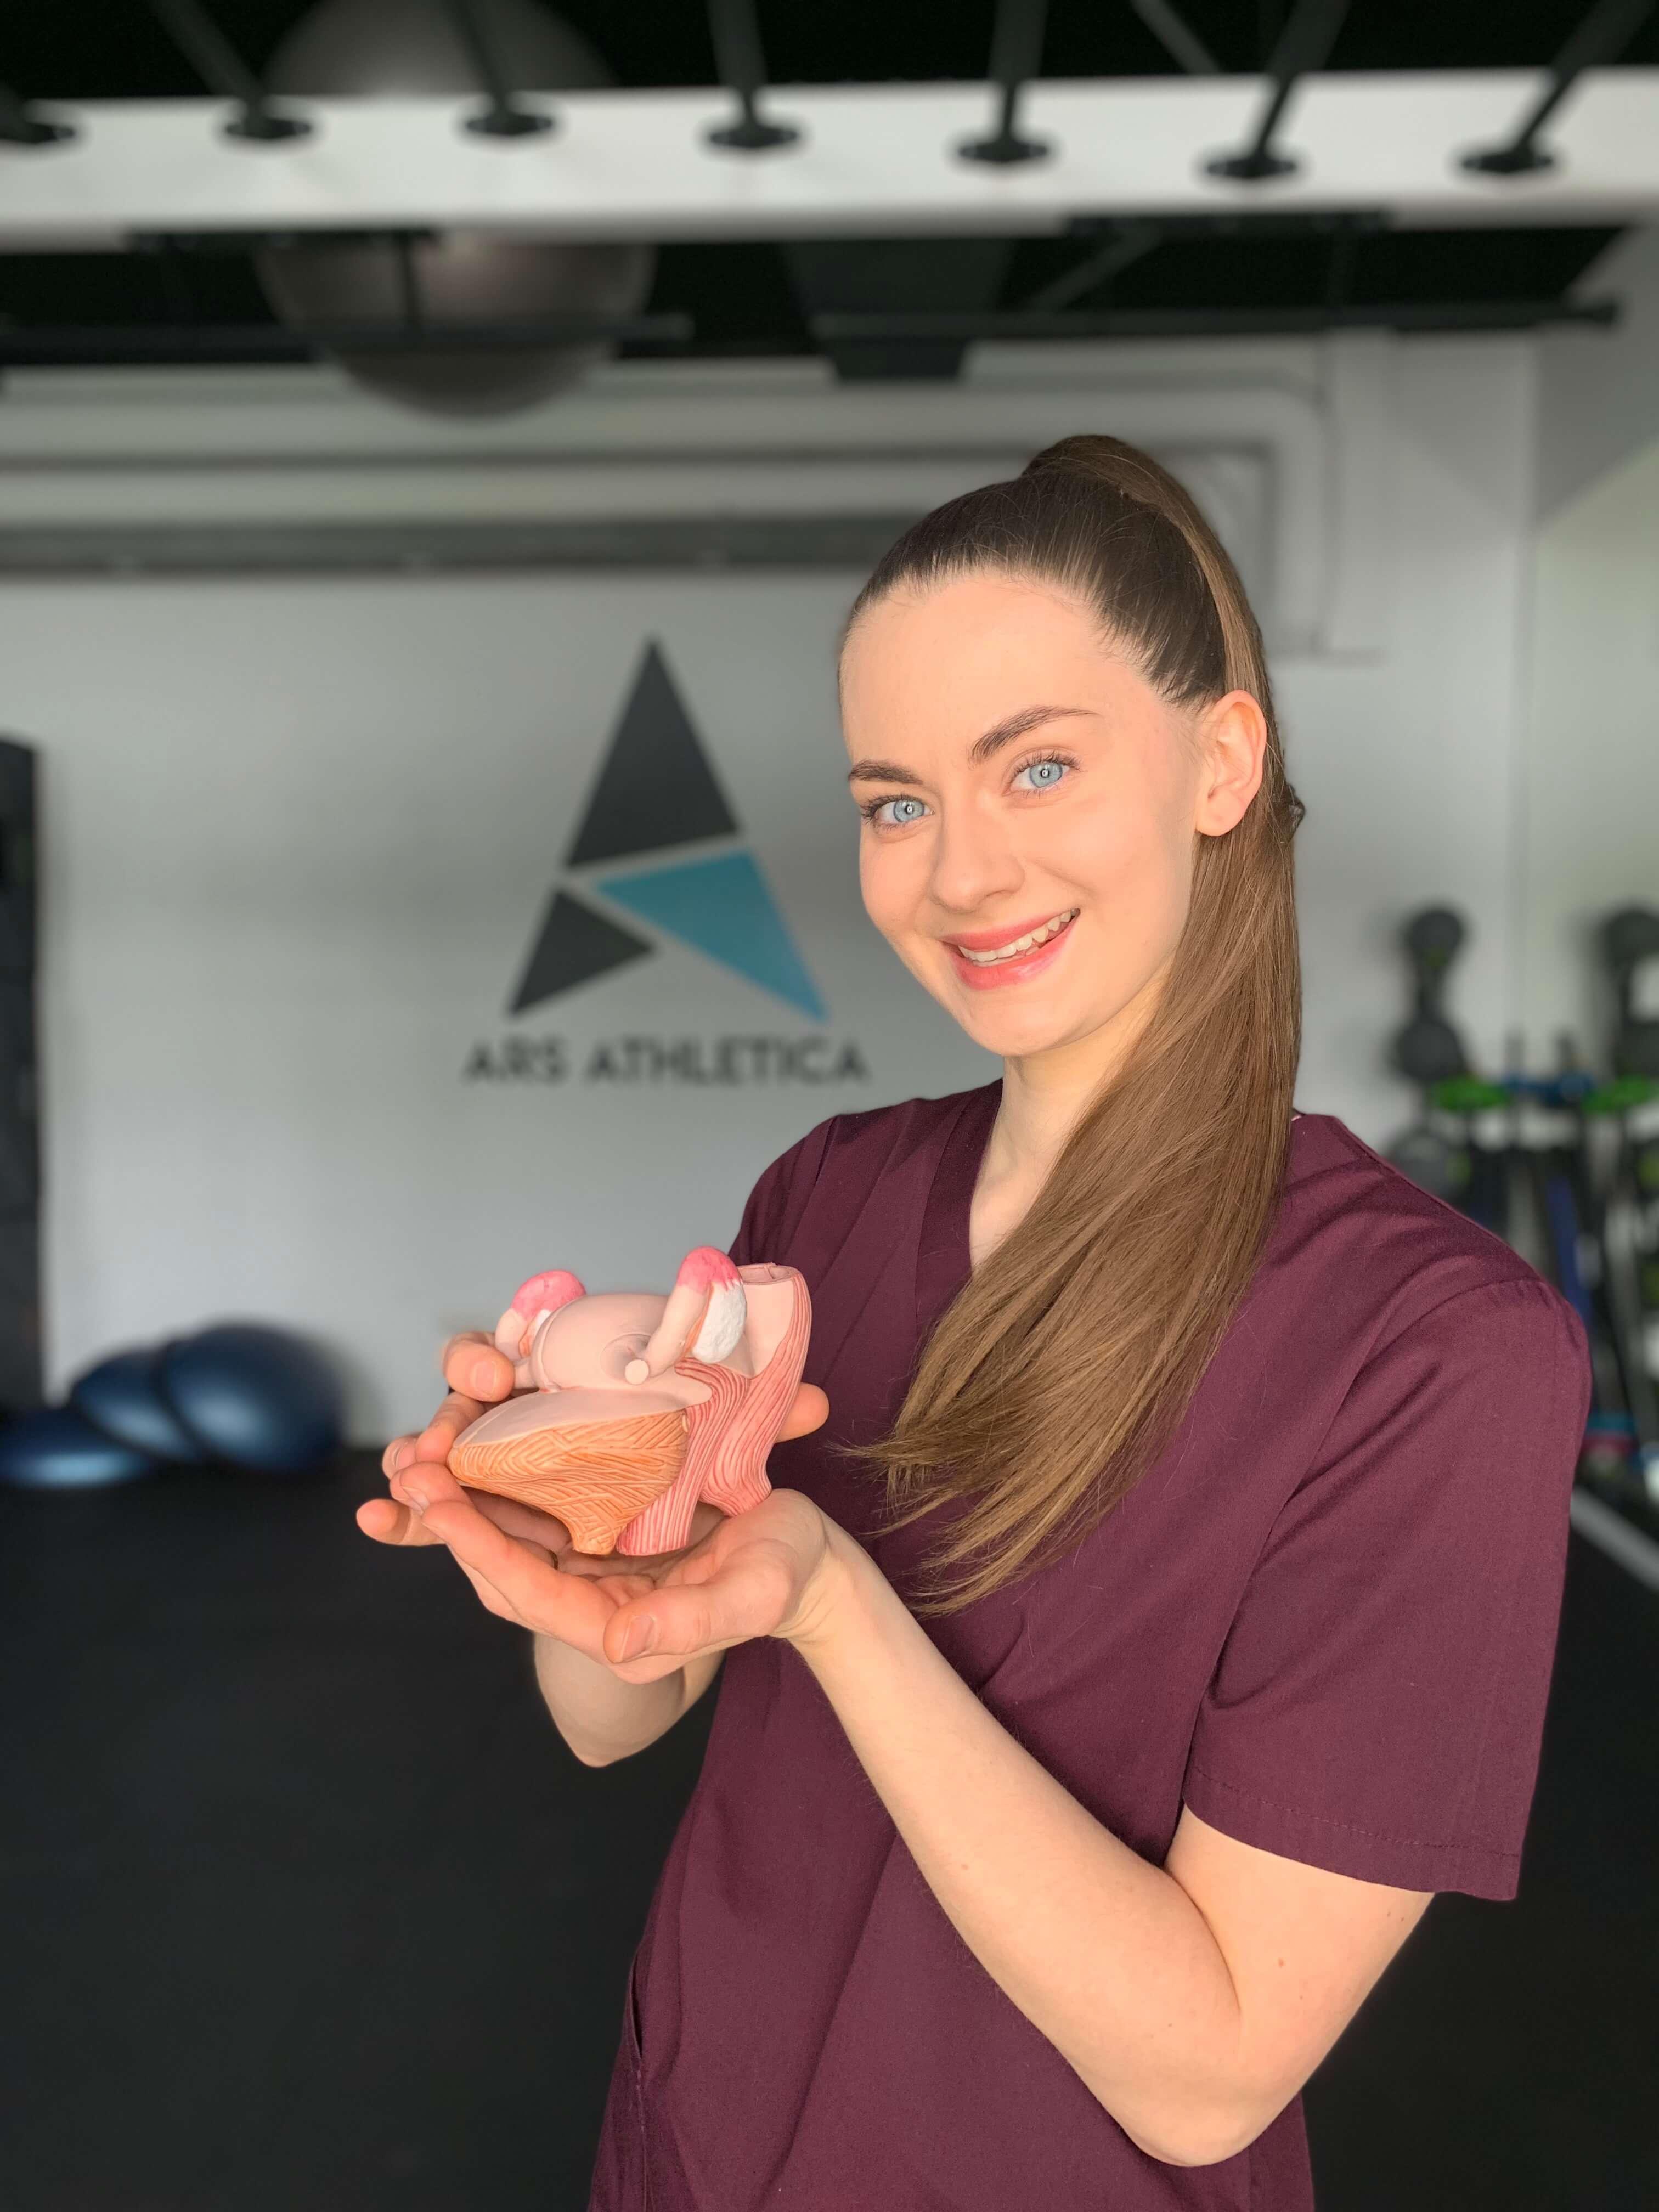 Fizjoterapia uroginekologiczna, fizjoterapia w ciąży, ćwiczenia dla kobiet w ciąży, rozejście mięśni brzucha, nietrzymanie moczu